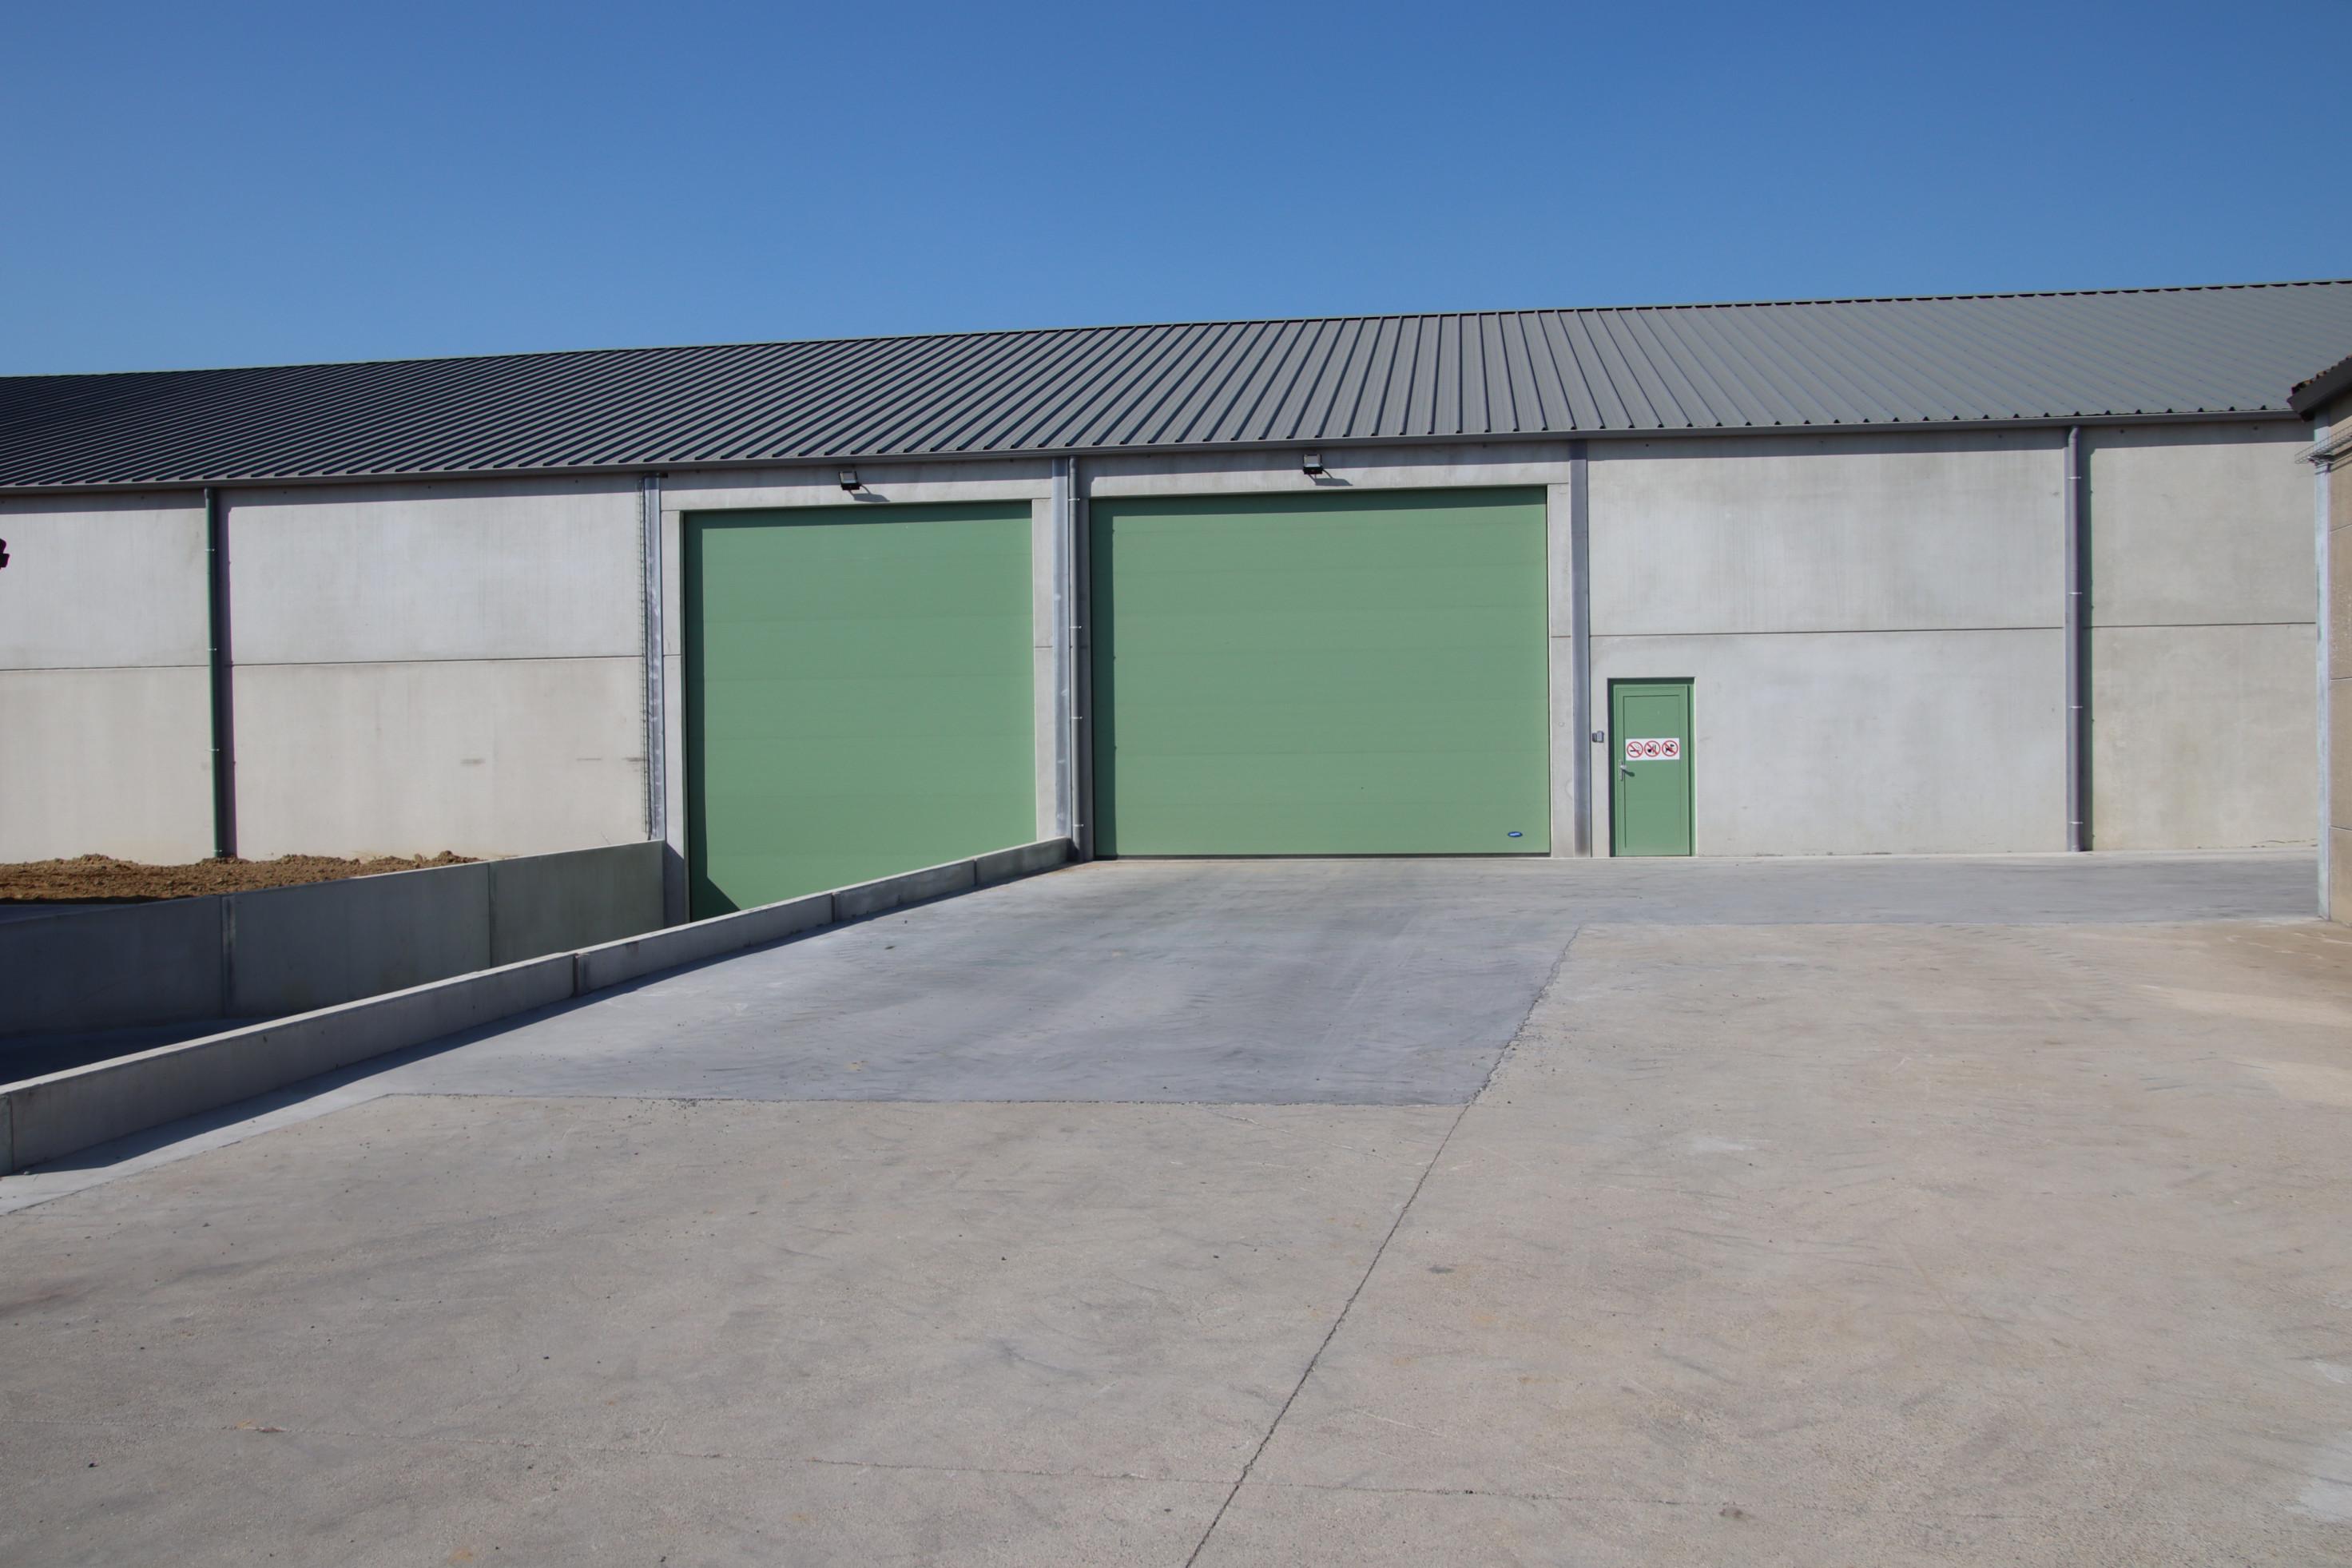 Migneau Dries, Agrobouw, Opslagloodsen, Landbouwloods, Agrarisch gebouw